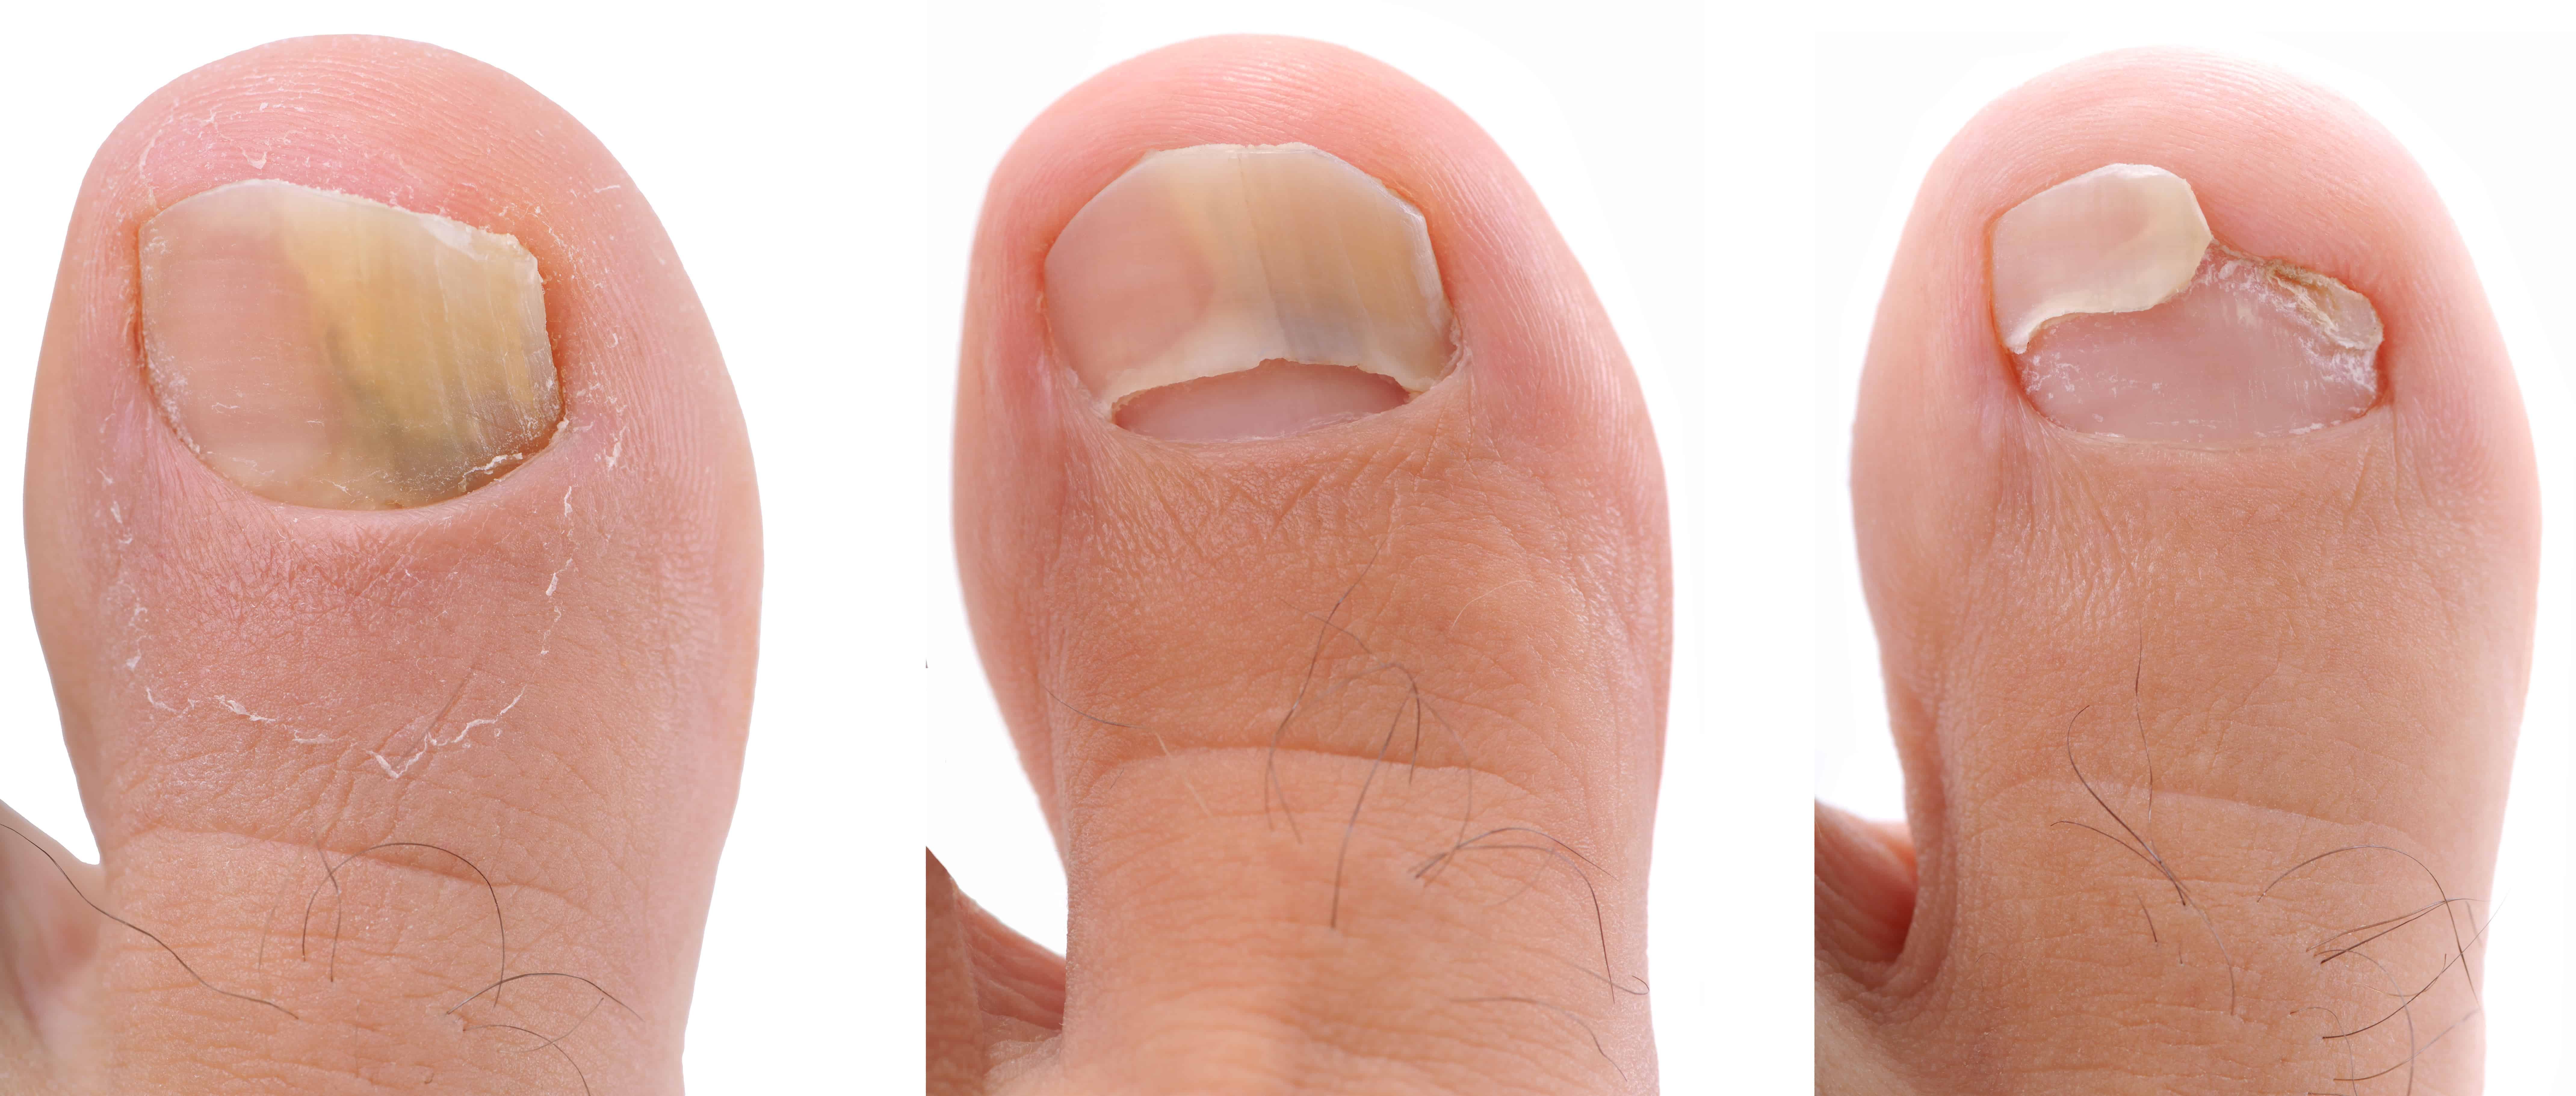 Cat ingrown nail infection